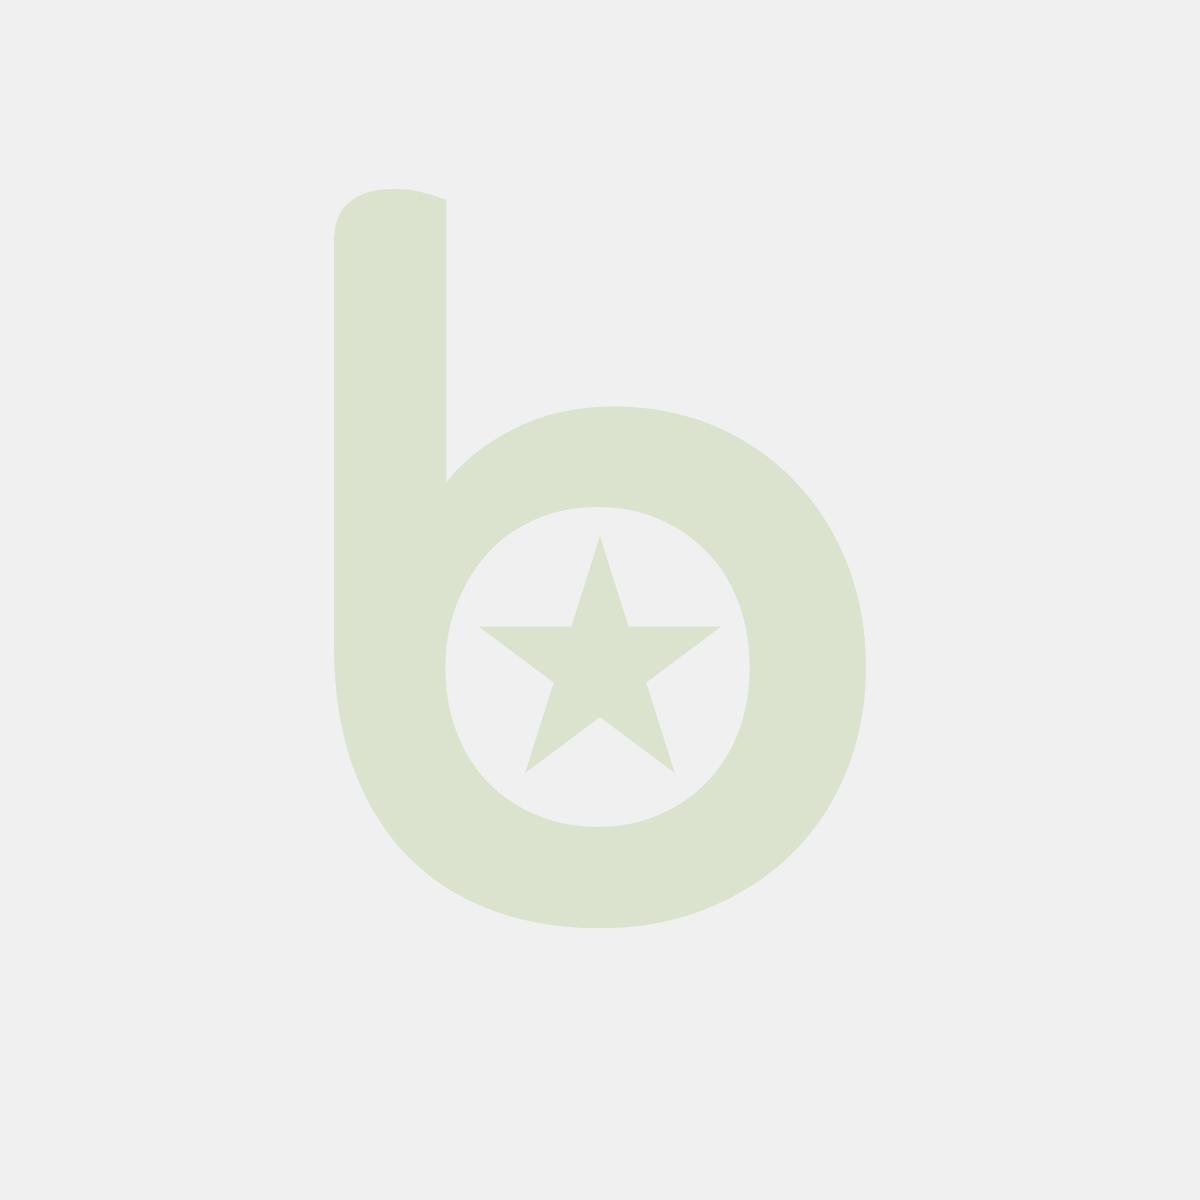 FINGERFOOD - łyżka PS czarna 12x4cm op. 30 sztuk